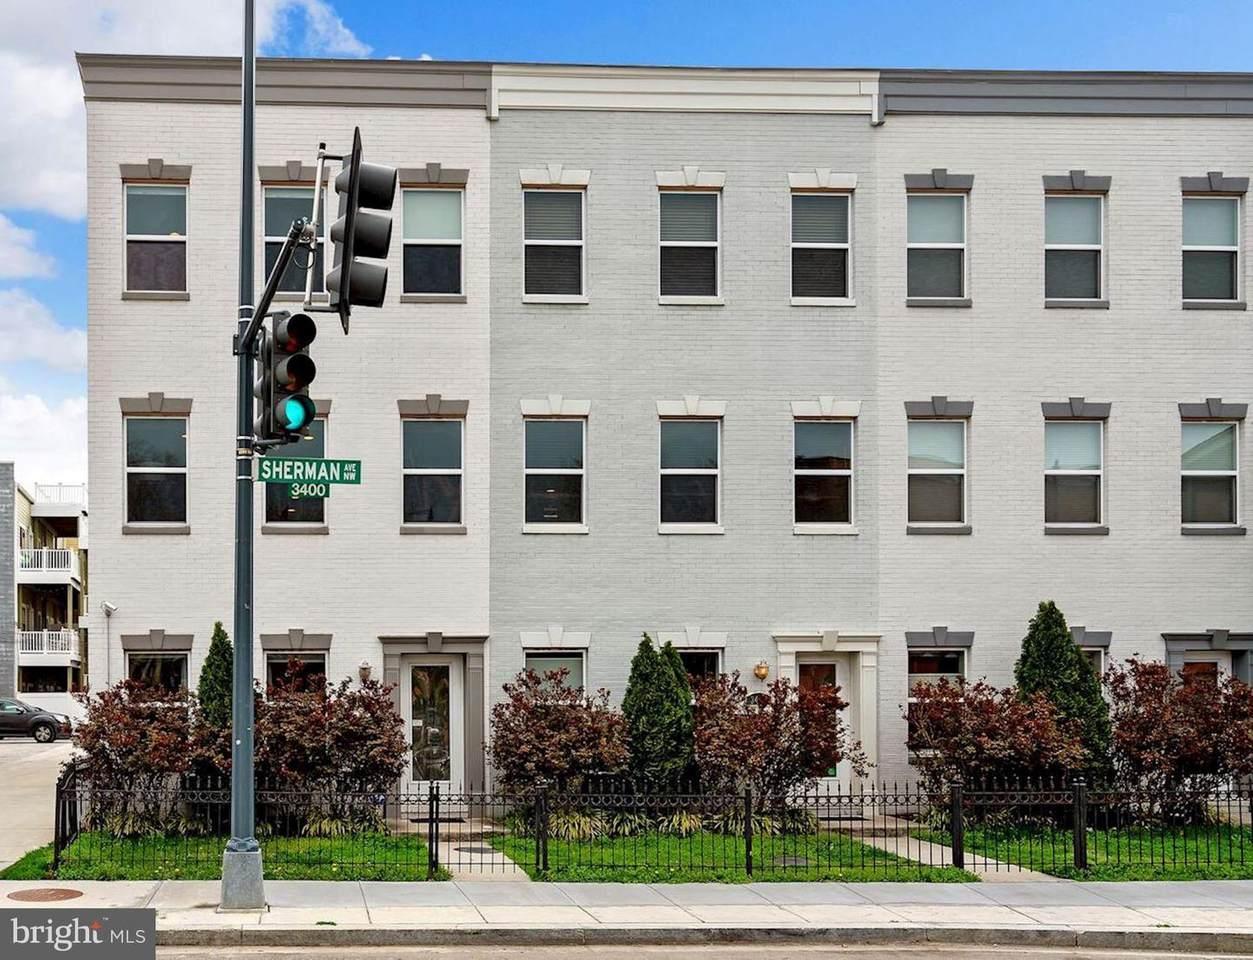 3417 Sherman Avenue - Photo 1